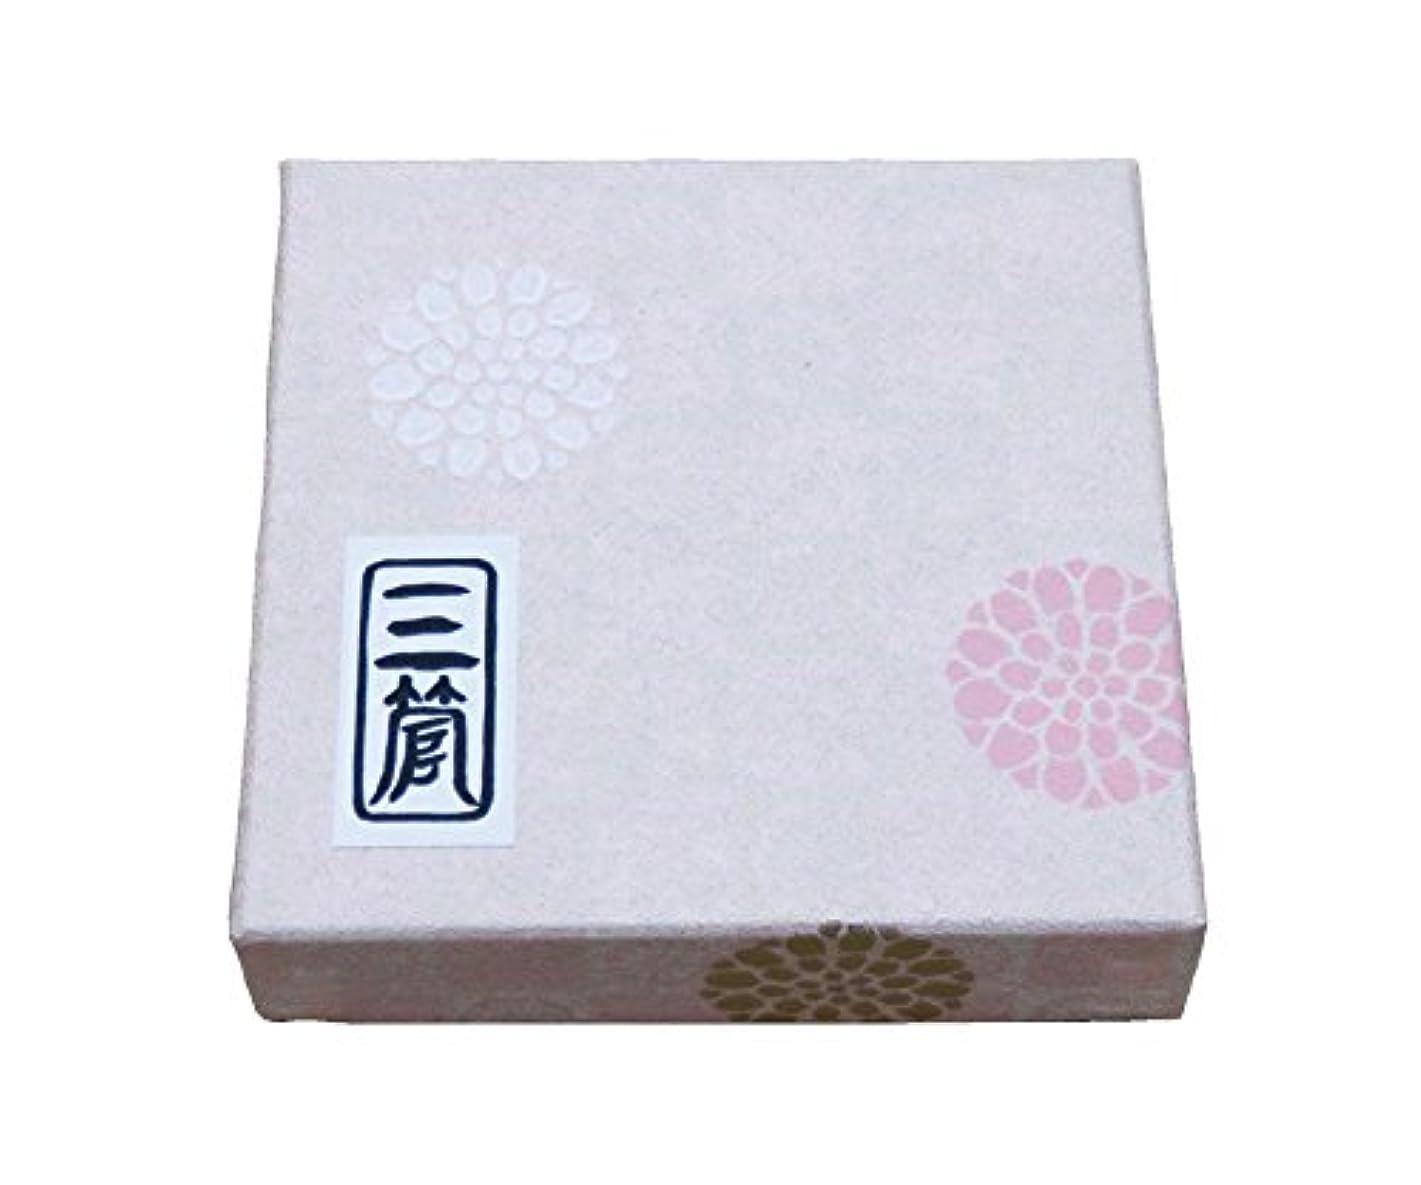 後継スケッチ記念癒しのお香 <仏智香 三管セット 化粧箱入り> 三管3種類が楽しめます 奈良のお香屋あーく煌々(きらら)